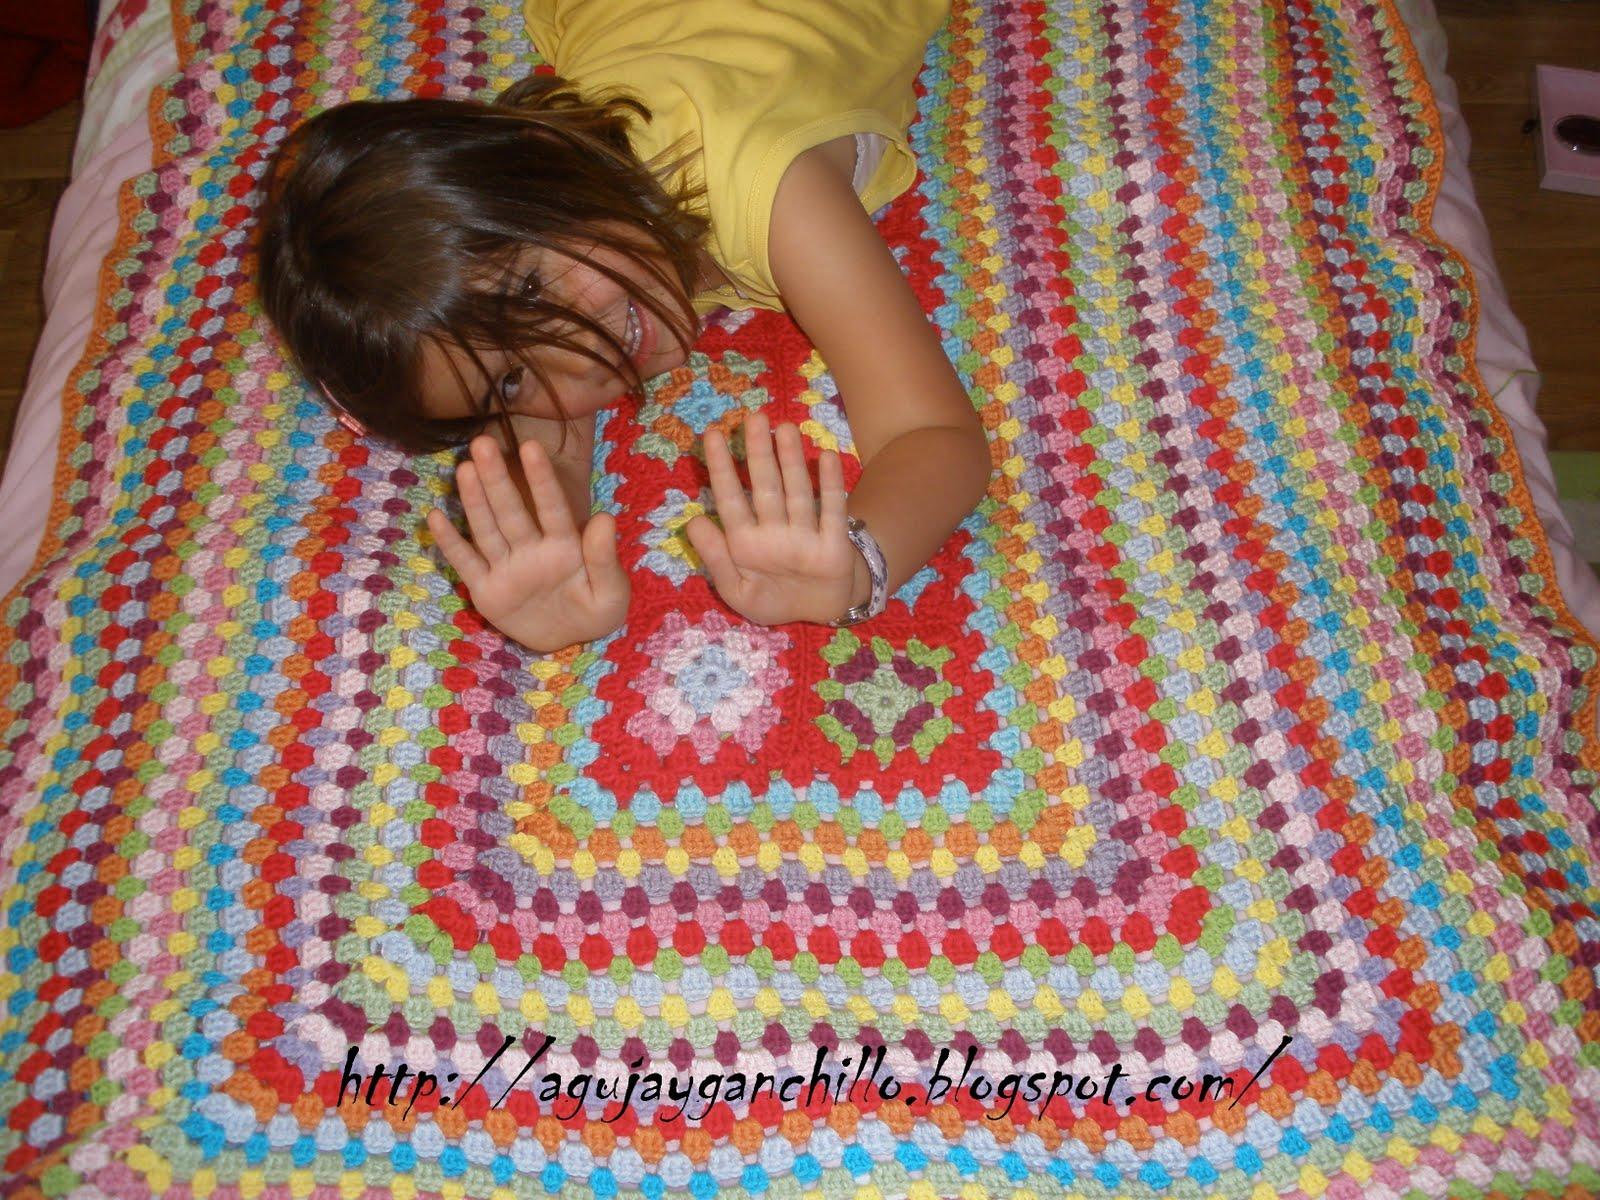 Aguja y ganchillo manta granny - Mantas ganchillo colores ...